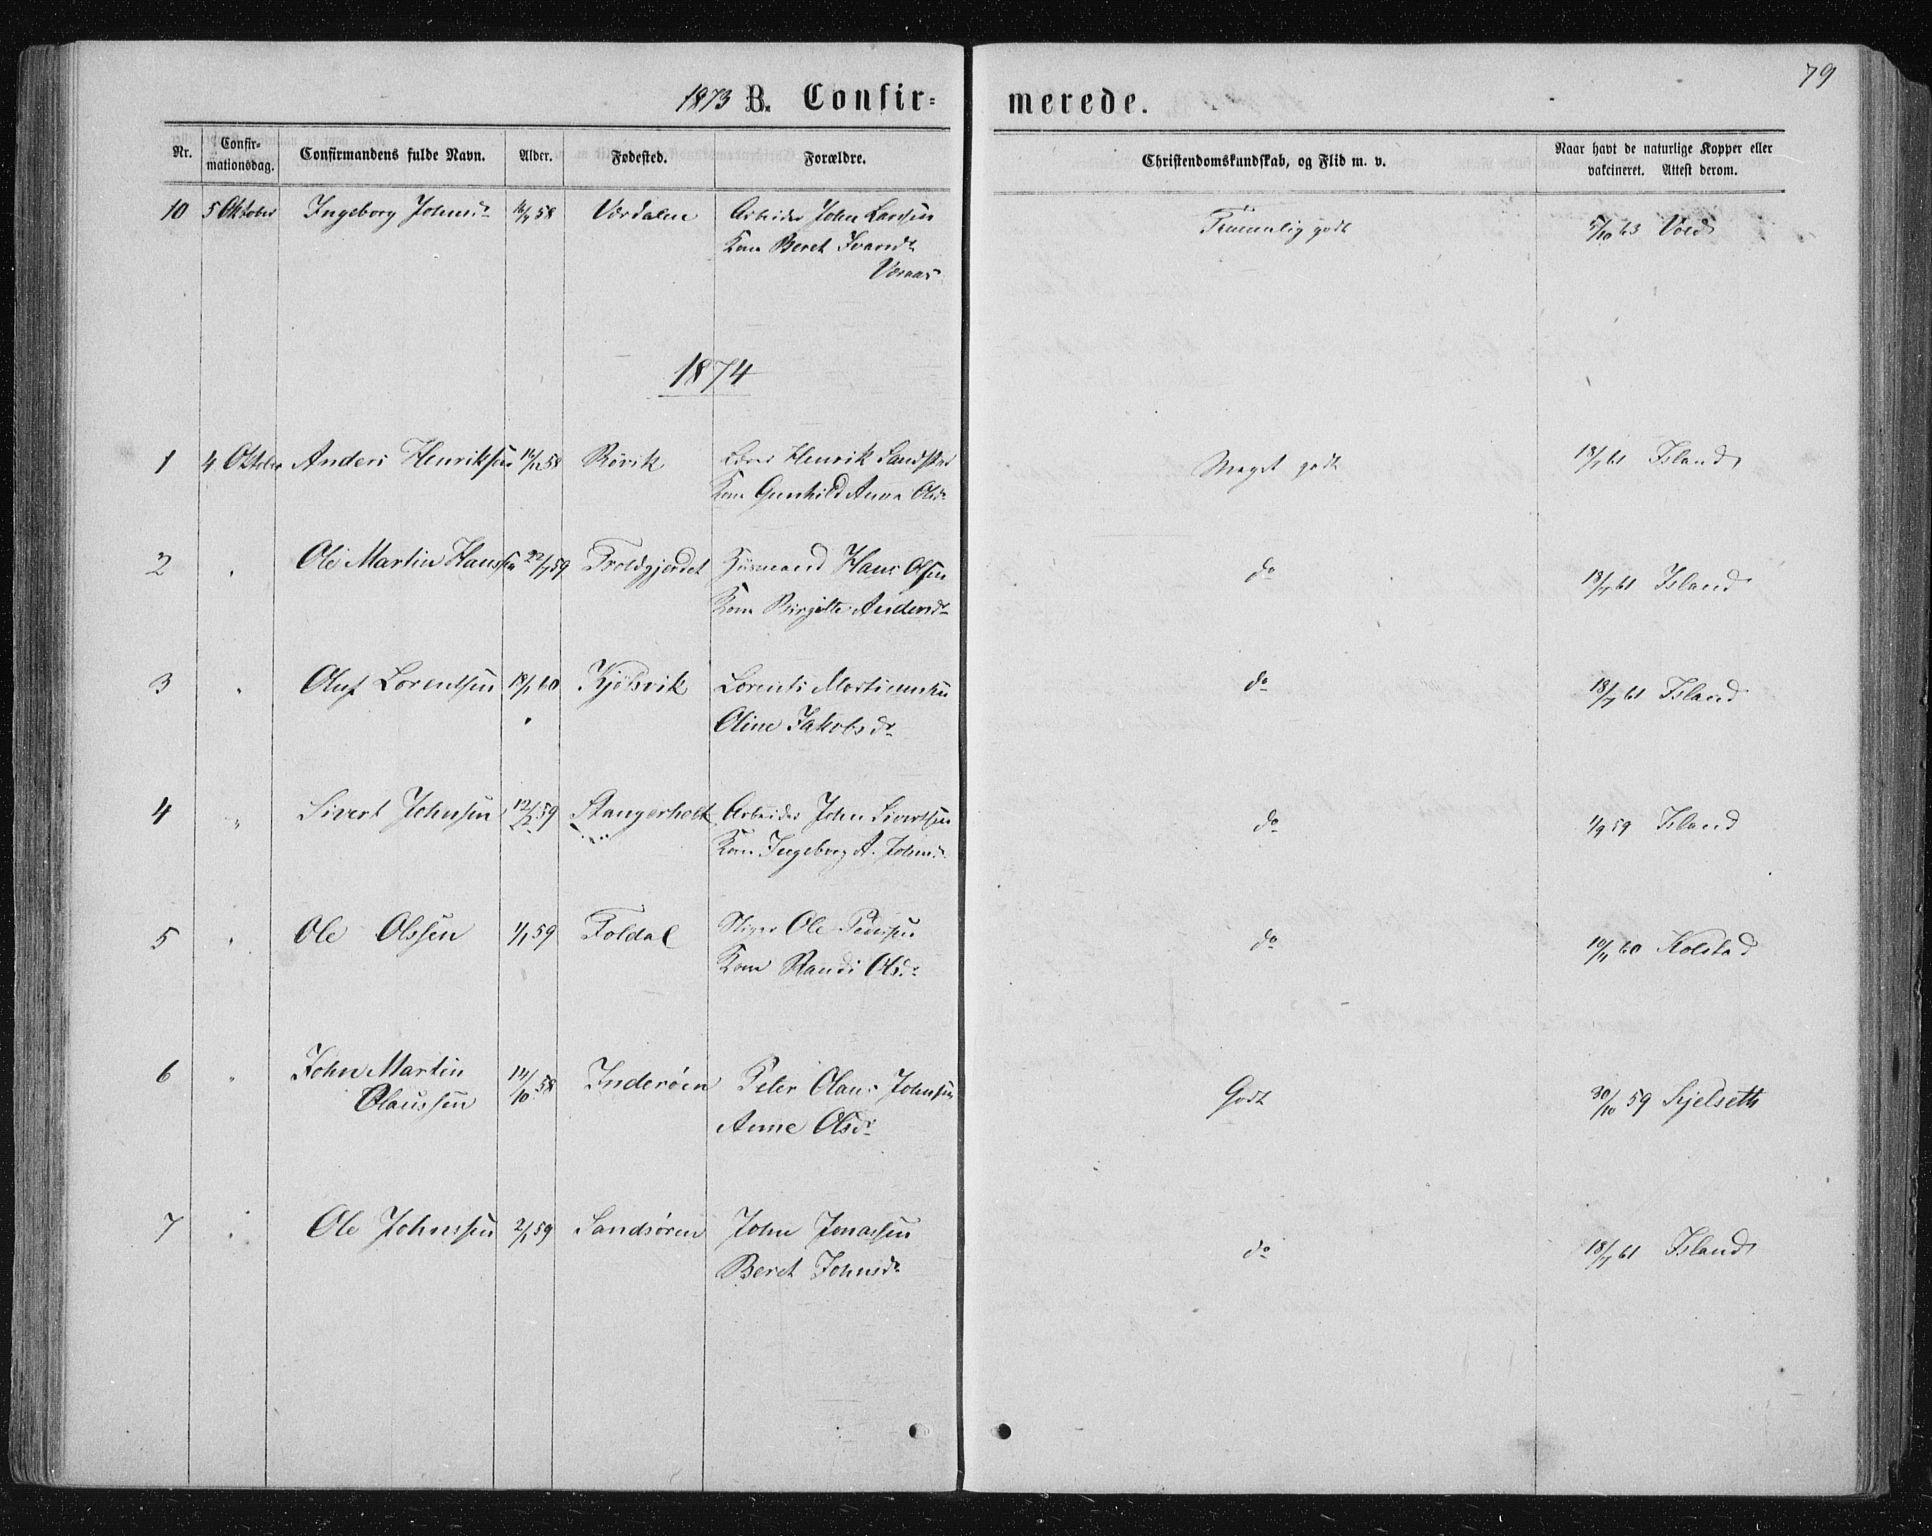 SAT, Ministerialprotokoller, klokkerbøker og fødselsregistre - Nord-Trøndelag, 722/L0219: Ministerialbok nr. 722A06, 1868-1880, s. 79